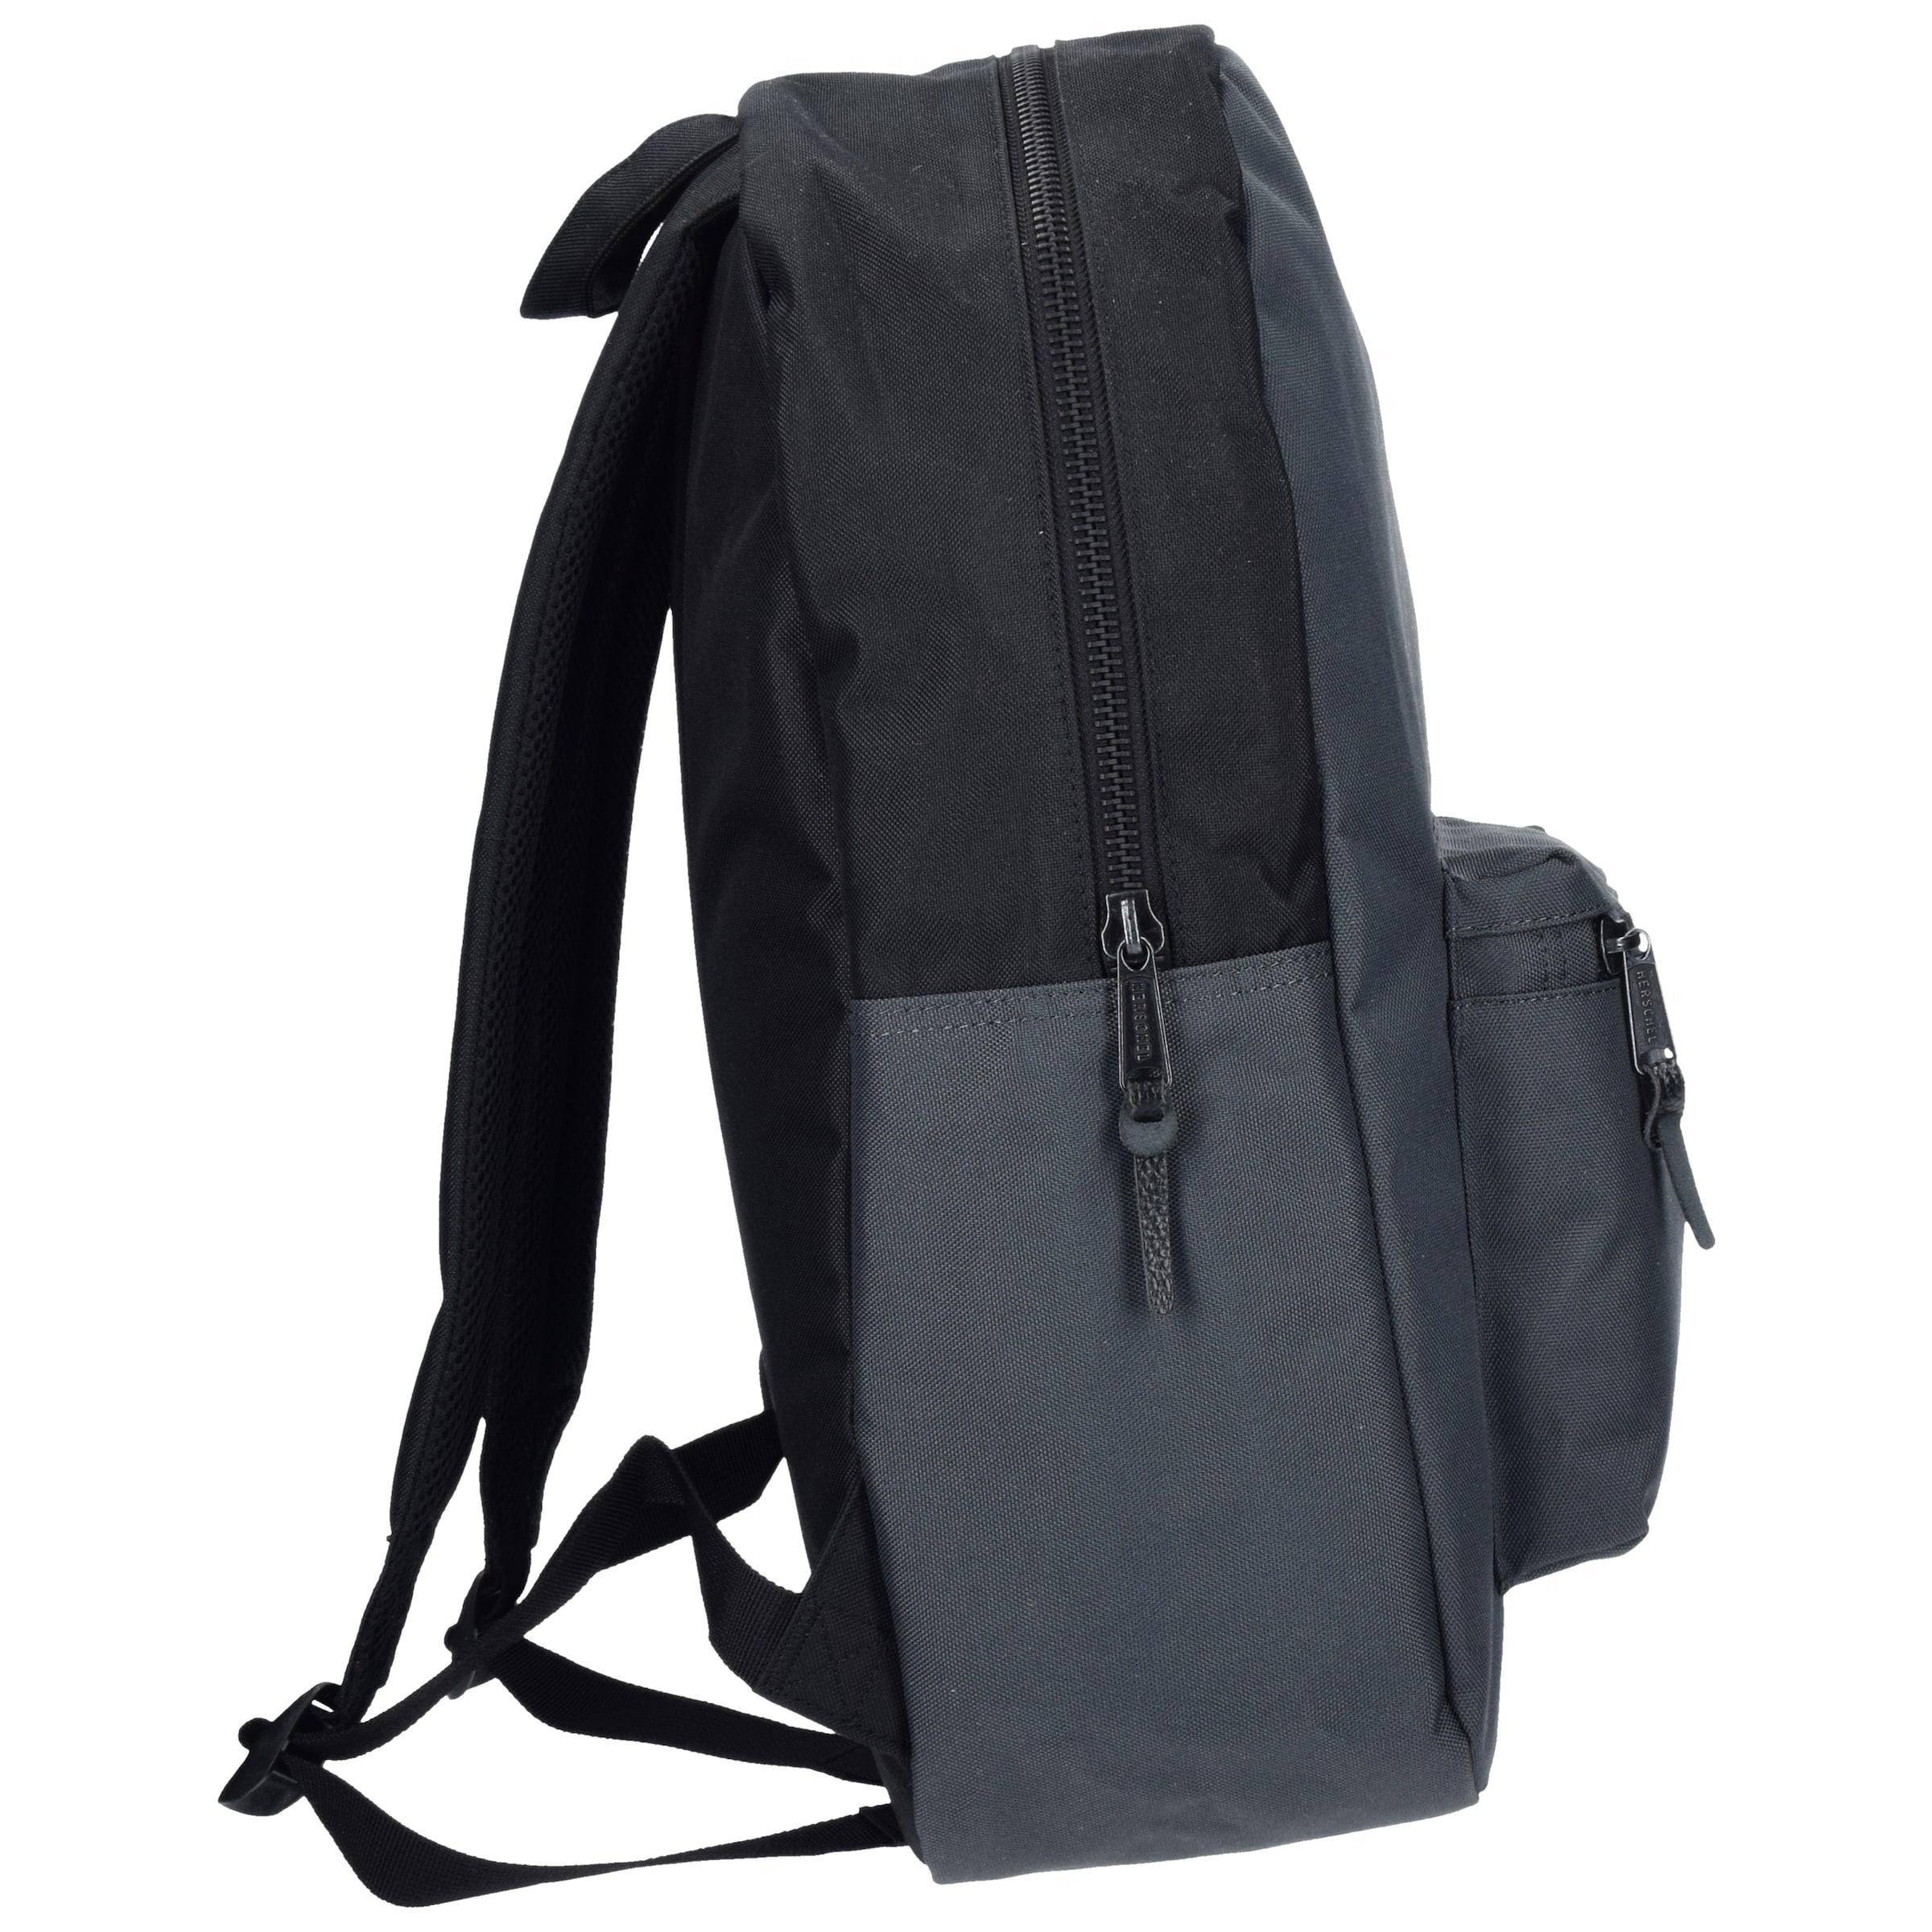 Herschel 'Settlement' Backpack Rucksack Mit Mastercard Günstig Online Wie Viel Verkauf Am Besten 7c35teYd